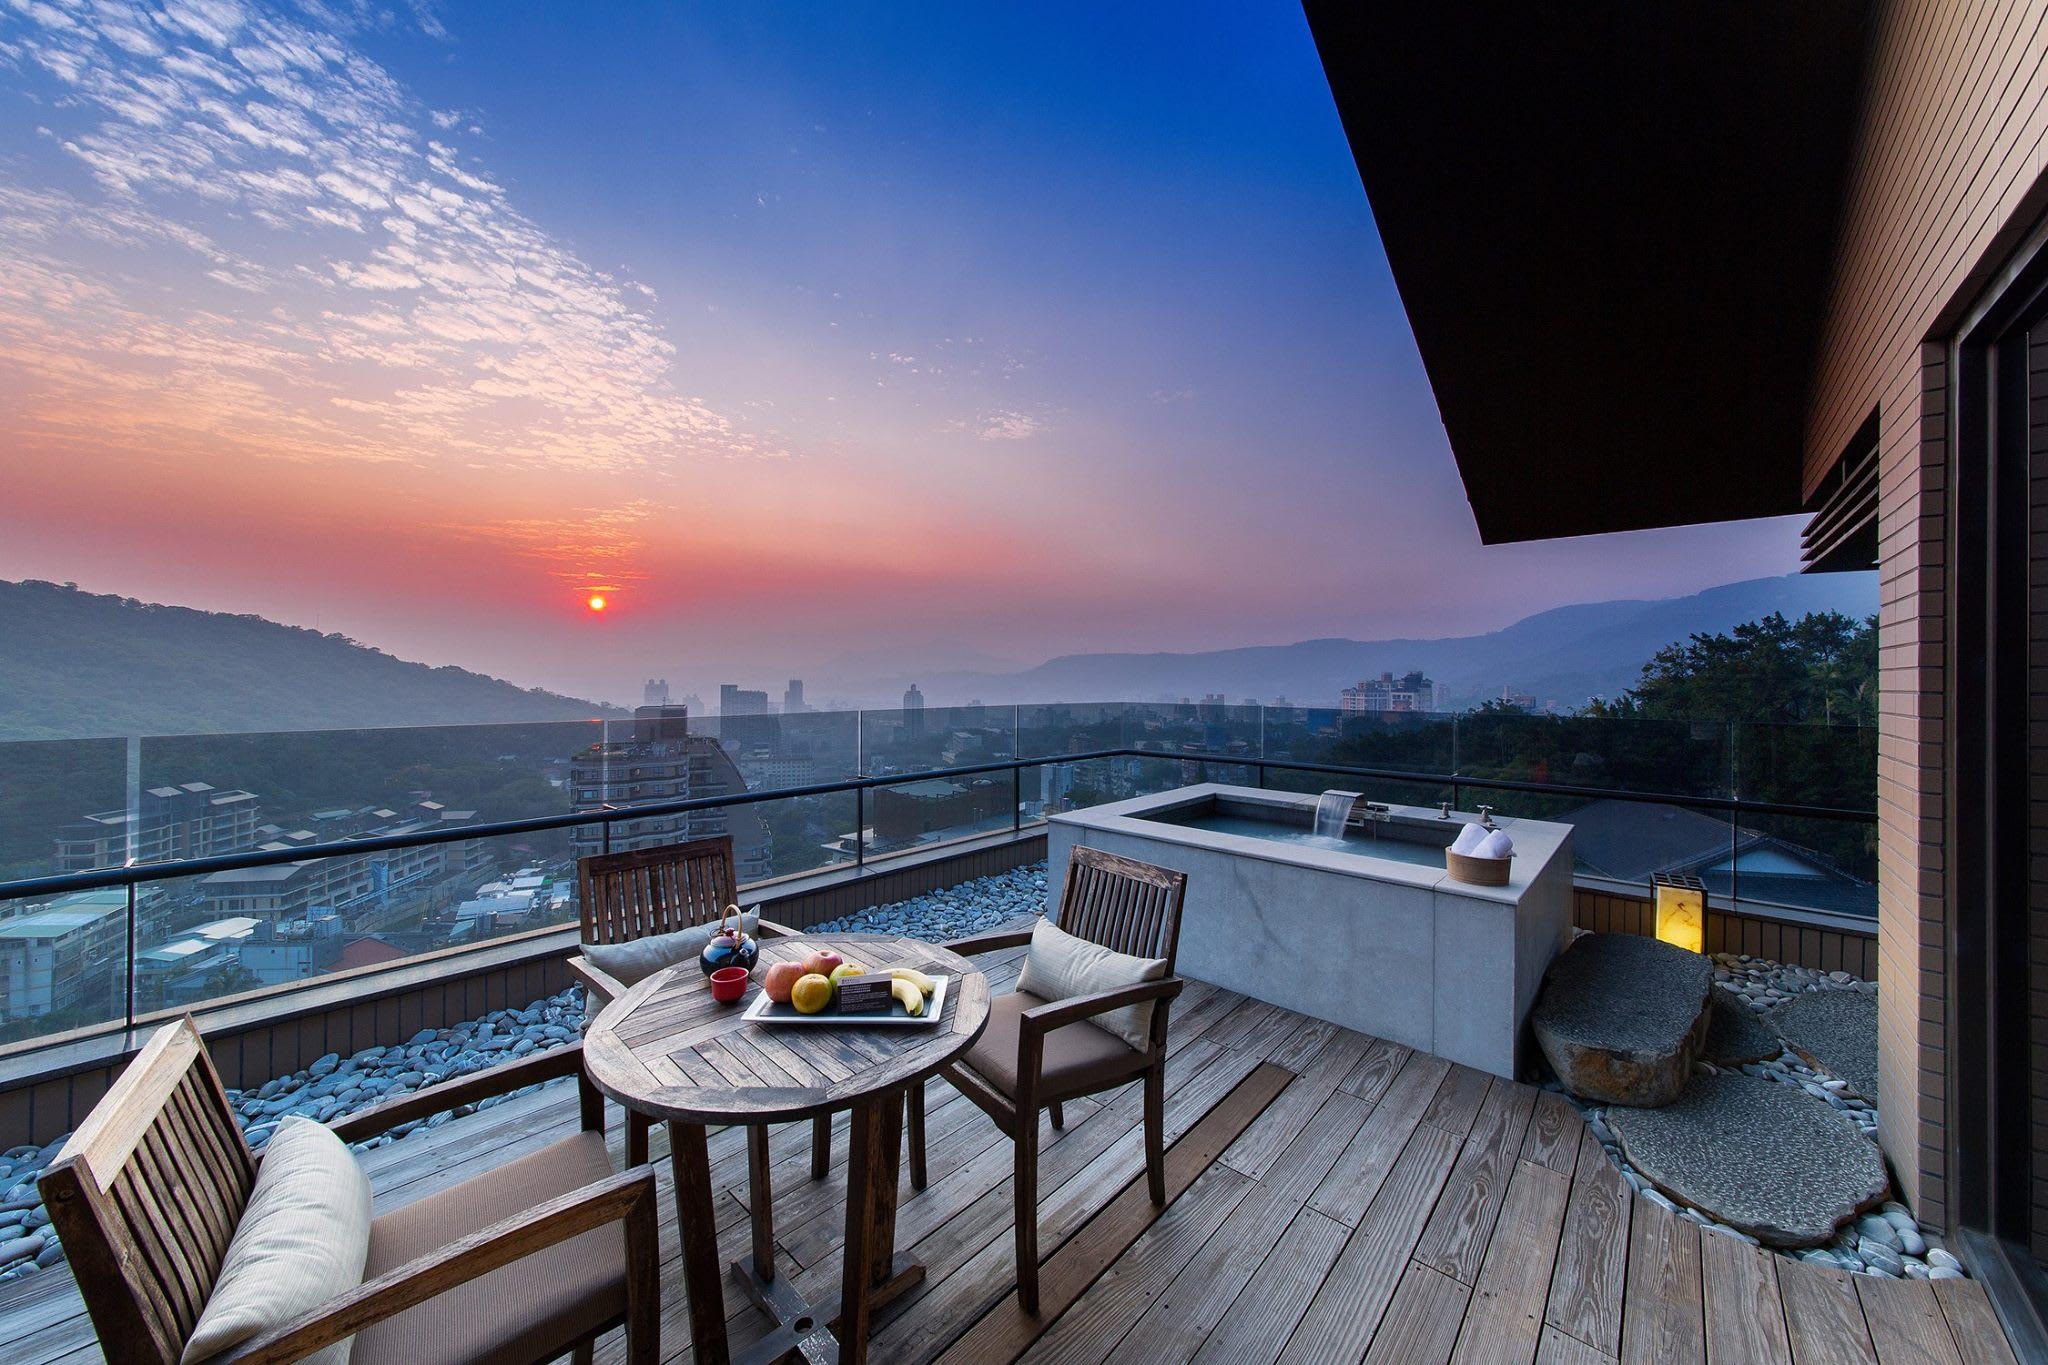 「麗禧套房」擁有絕佳觀景視野。(圖片來源/北投麗禧溫泉酒店FB粉絲團)